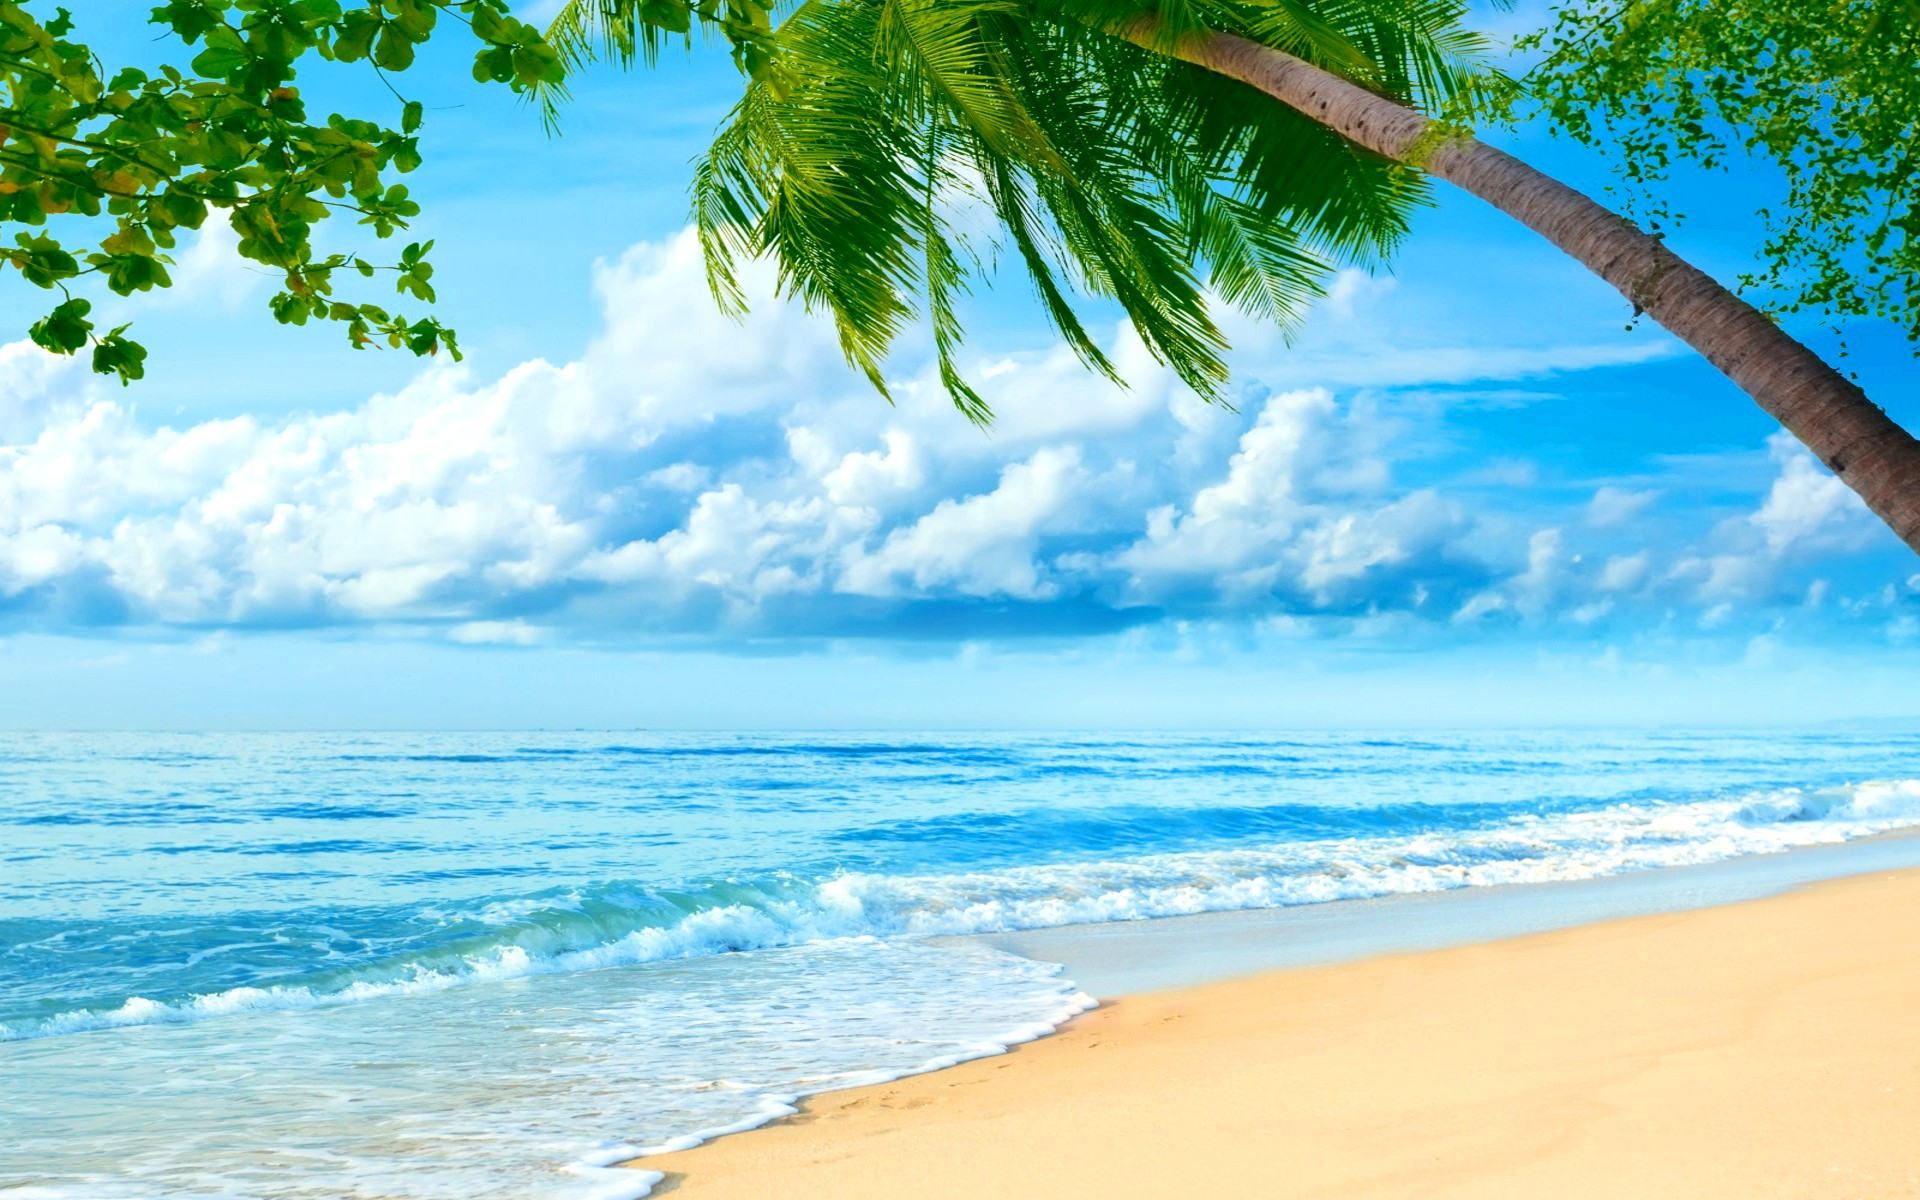 второй картинка море с пальмами большого разрешения пиджак, ботинки